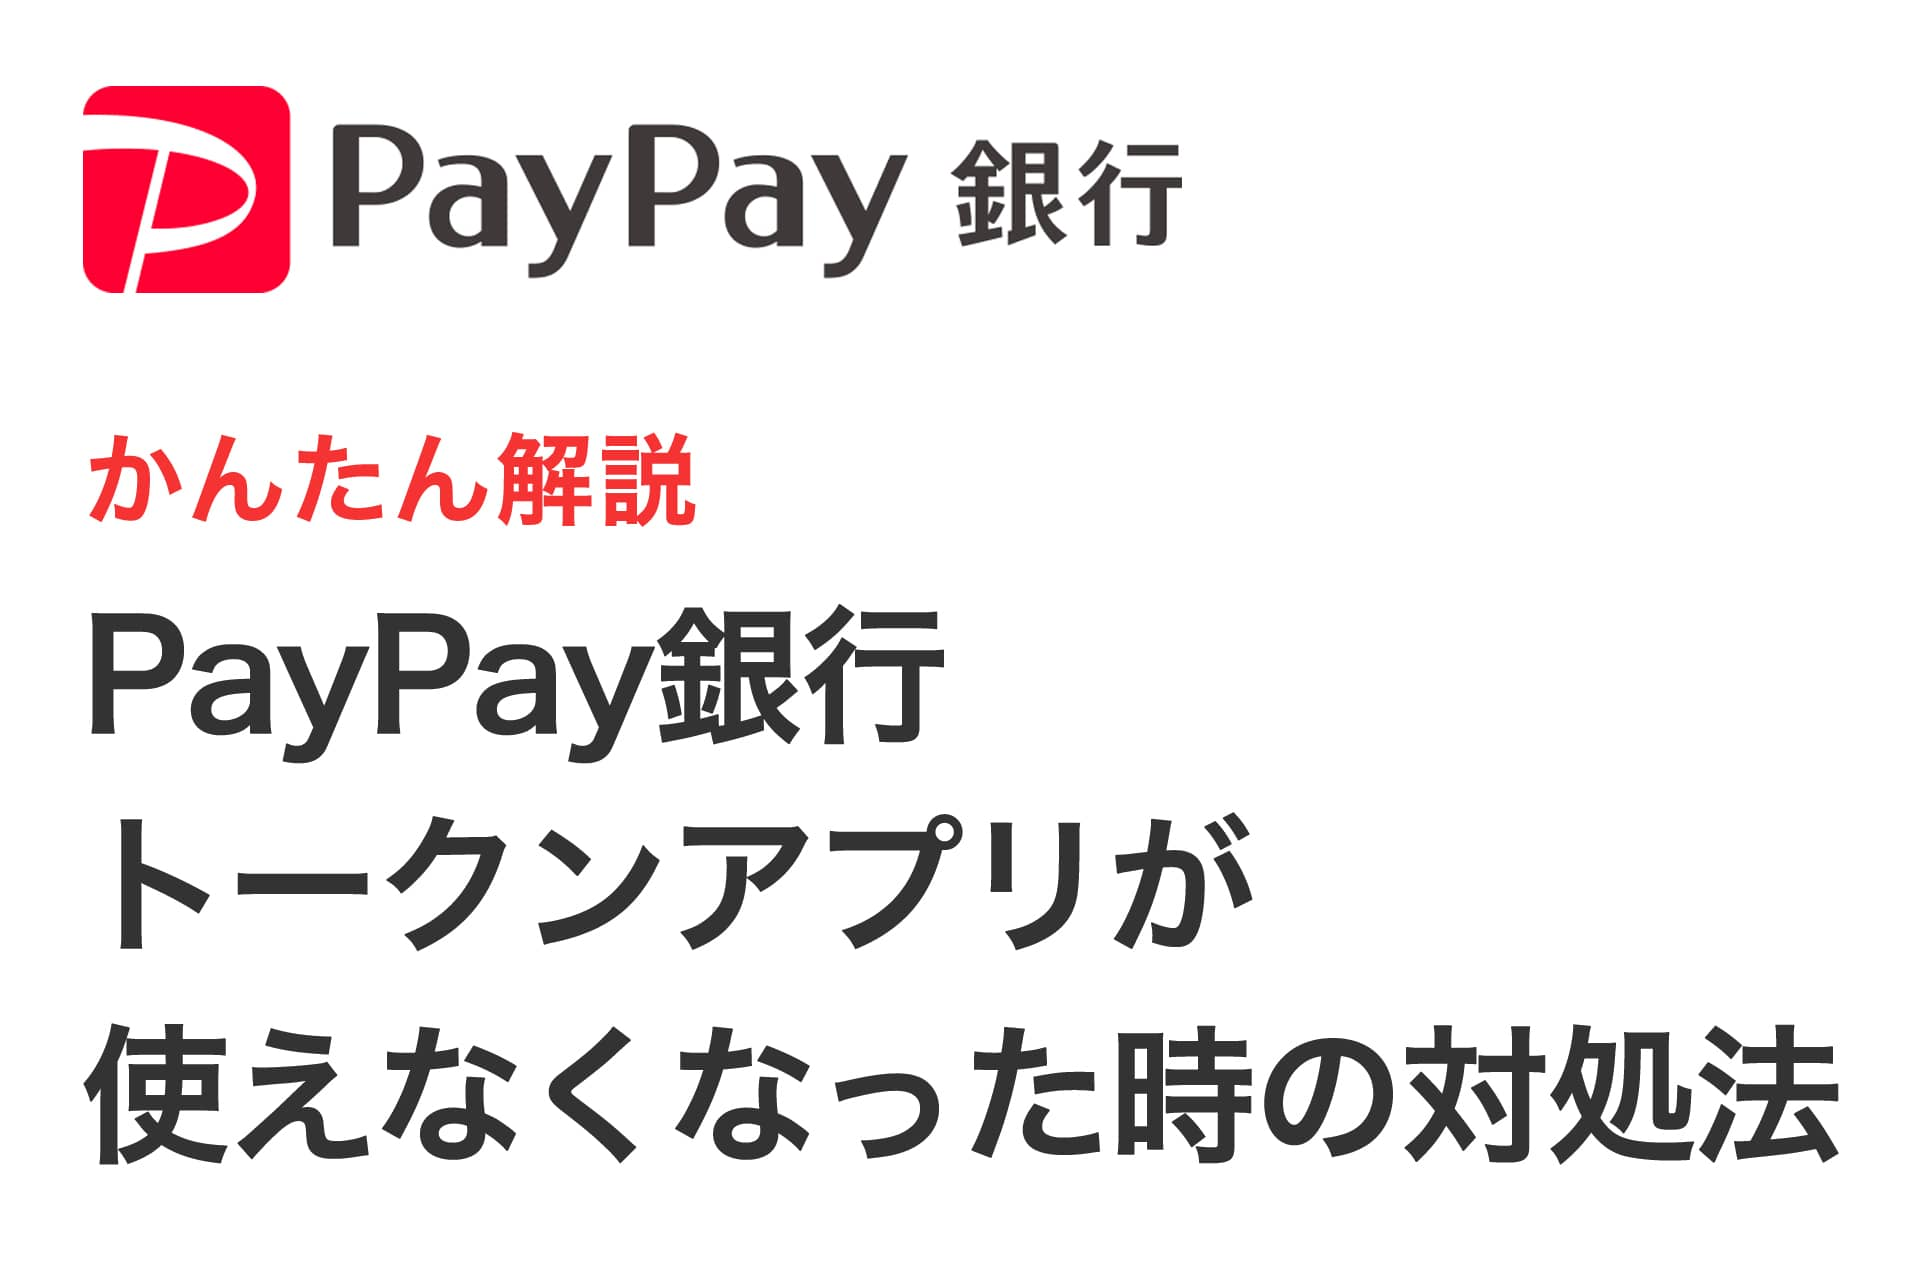 【かんたん解説】PayPay銀行トークンアプリが使えなくなった時の対処法